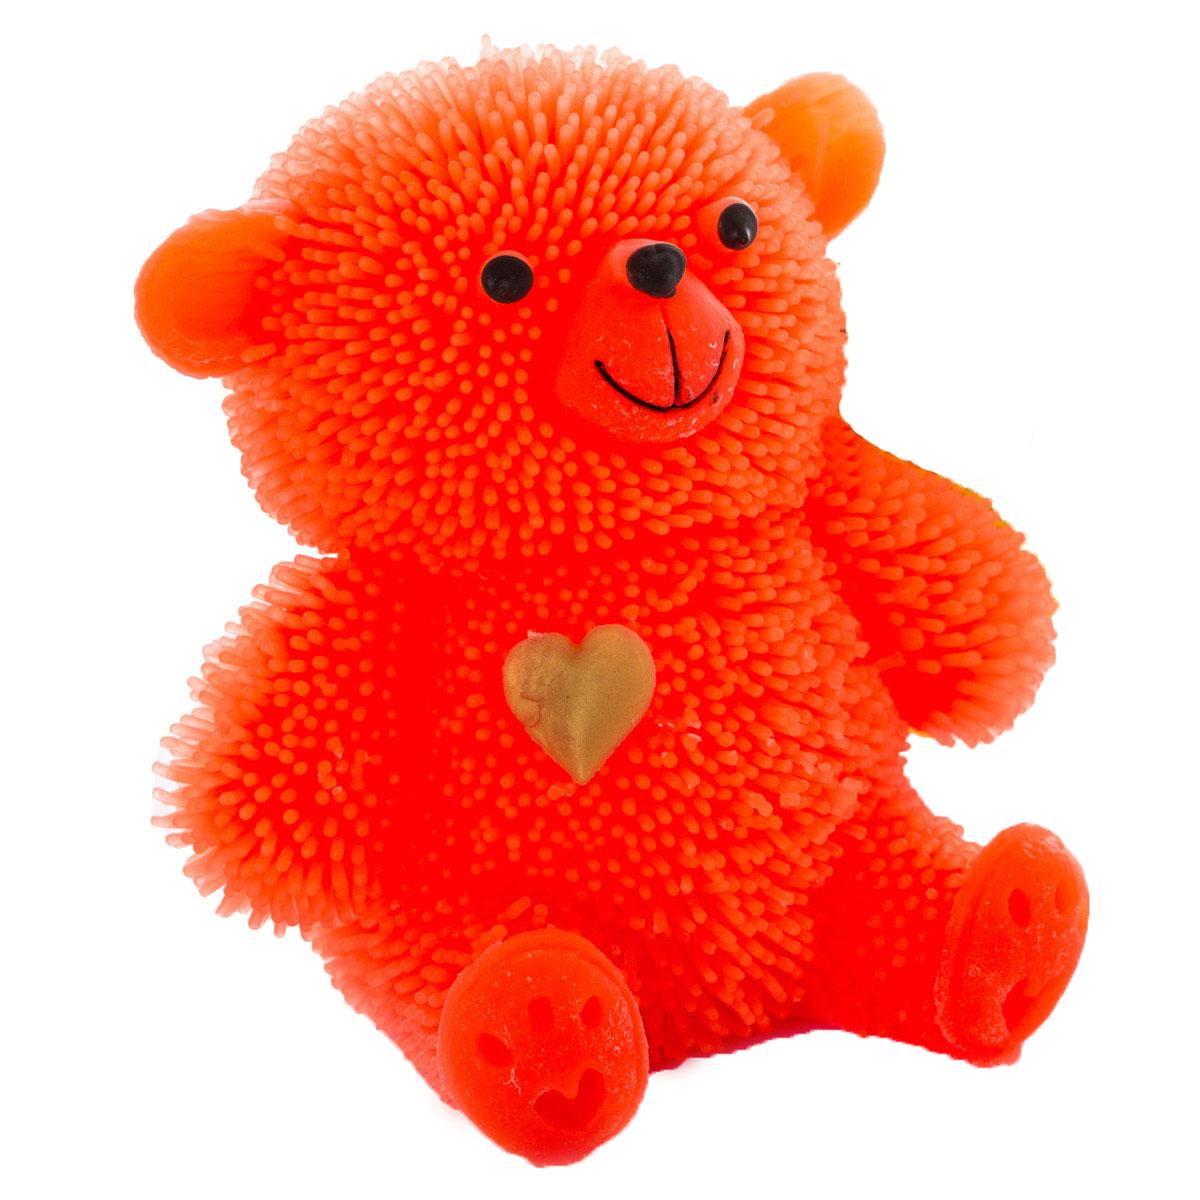 HGL Фигурка Медведь с подсветкой цвет оранжевыйSV10998_оранжевыйФигурка HGL Медведь - это мягкая резиновая игрушка в виде мишки с резиновым ворсом. Взяв игрушку в руки, расстаться с ней просто невозможно! Её не только приятно держать в руках: если перекинуть игрушку из руки в руку, она начнёт мигать цветными огоньками. Данная игрушка рассчитана на широкую целевую аудиторию - как детей от пяти лет, так и взрослых. Медведь обязательно станет самым любимым забавным сувениром. Игрушка работает от 3 незаменяемых батареек AG3 (LR41).